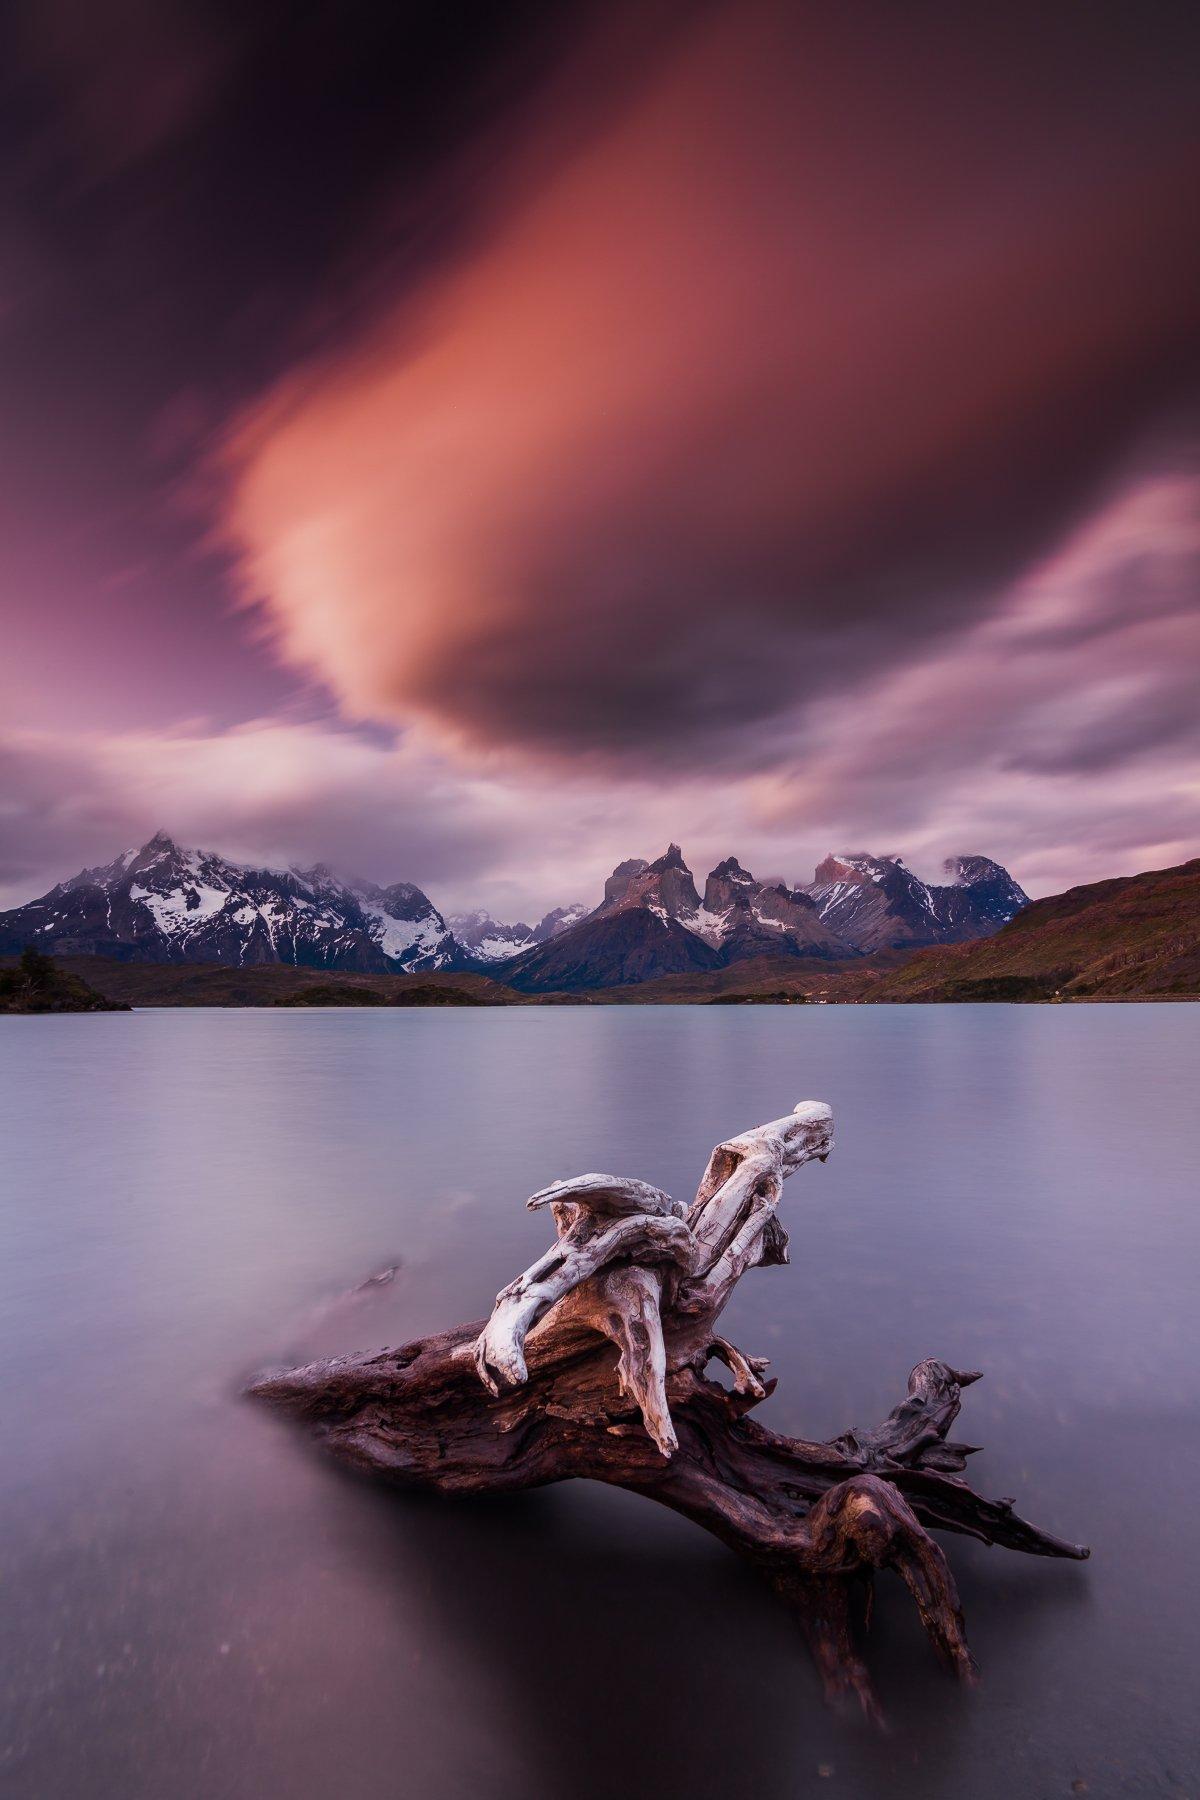 патагония, горы, рассвет, торес дель пайне, Антон Петрусь